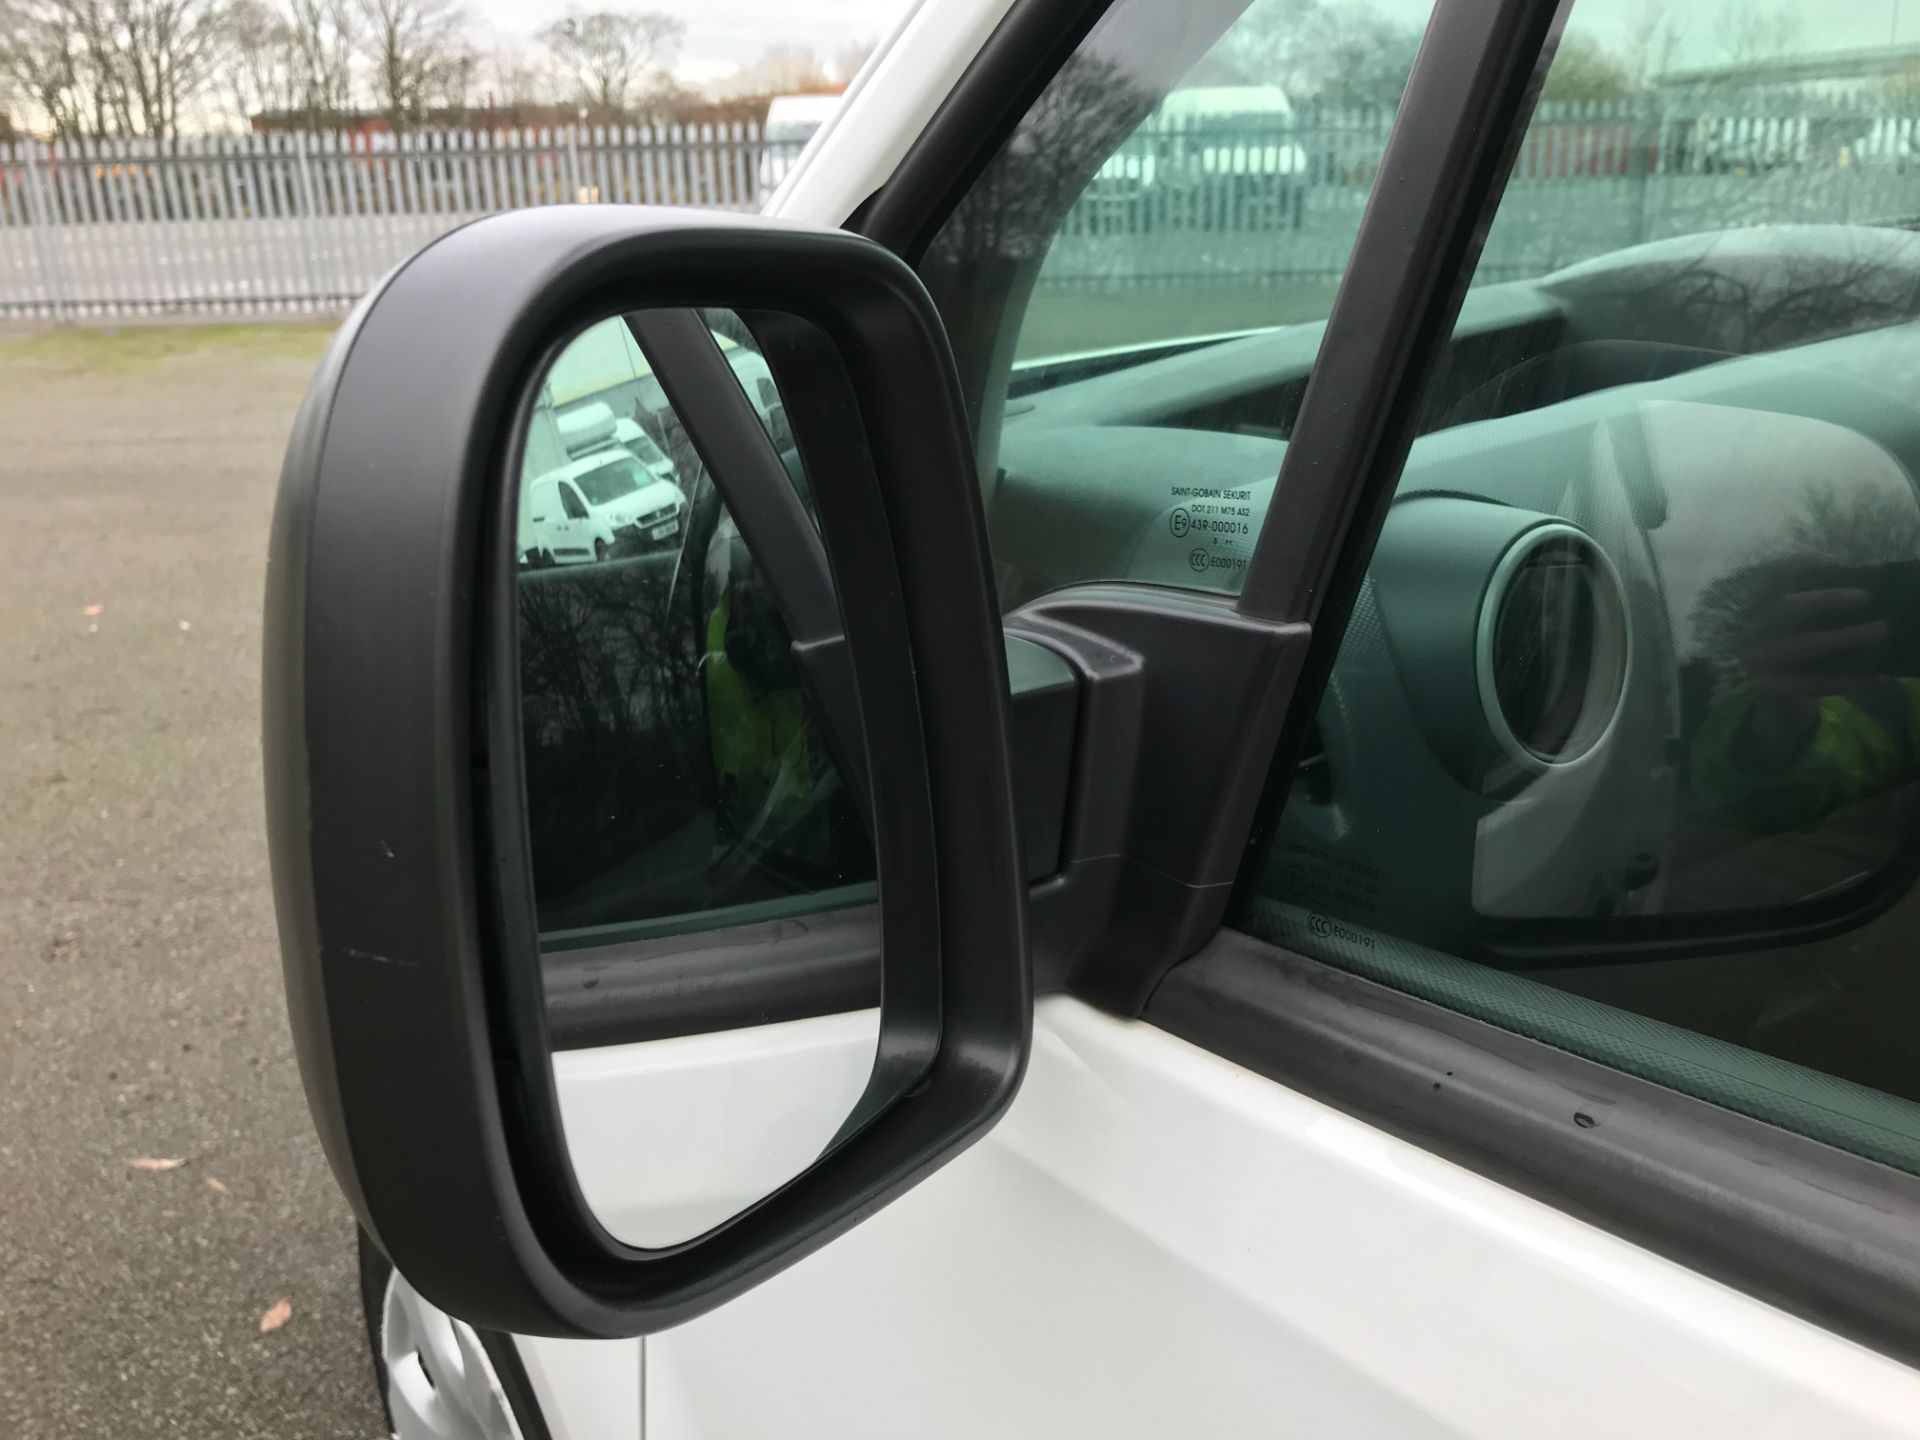 2017 Peugeot Partner L1 850 1.6 BLUEHDI 100 PROFESSIONAL (NON S/S)EURO 6 (NX17TLV) Image 13